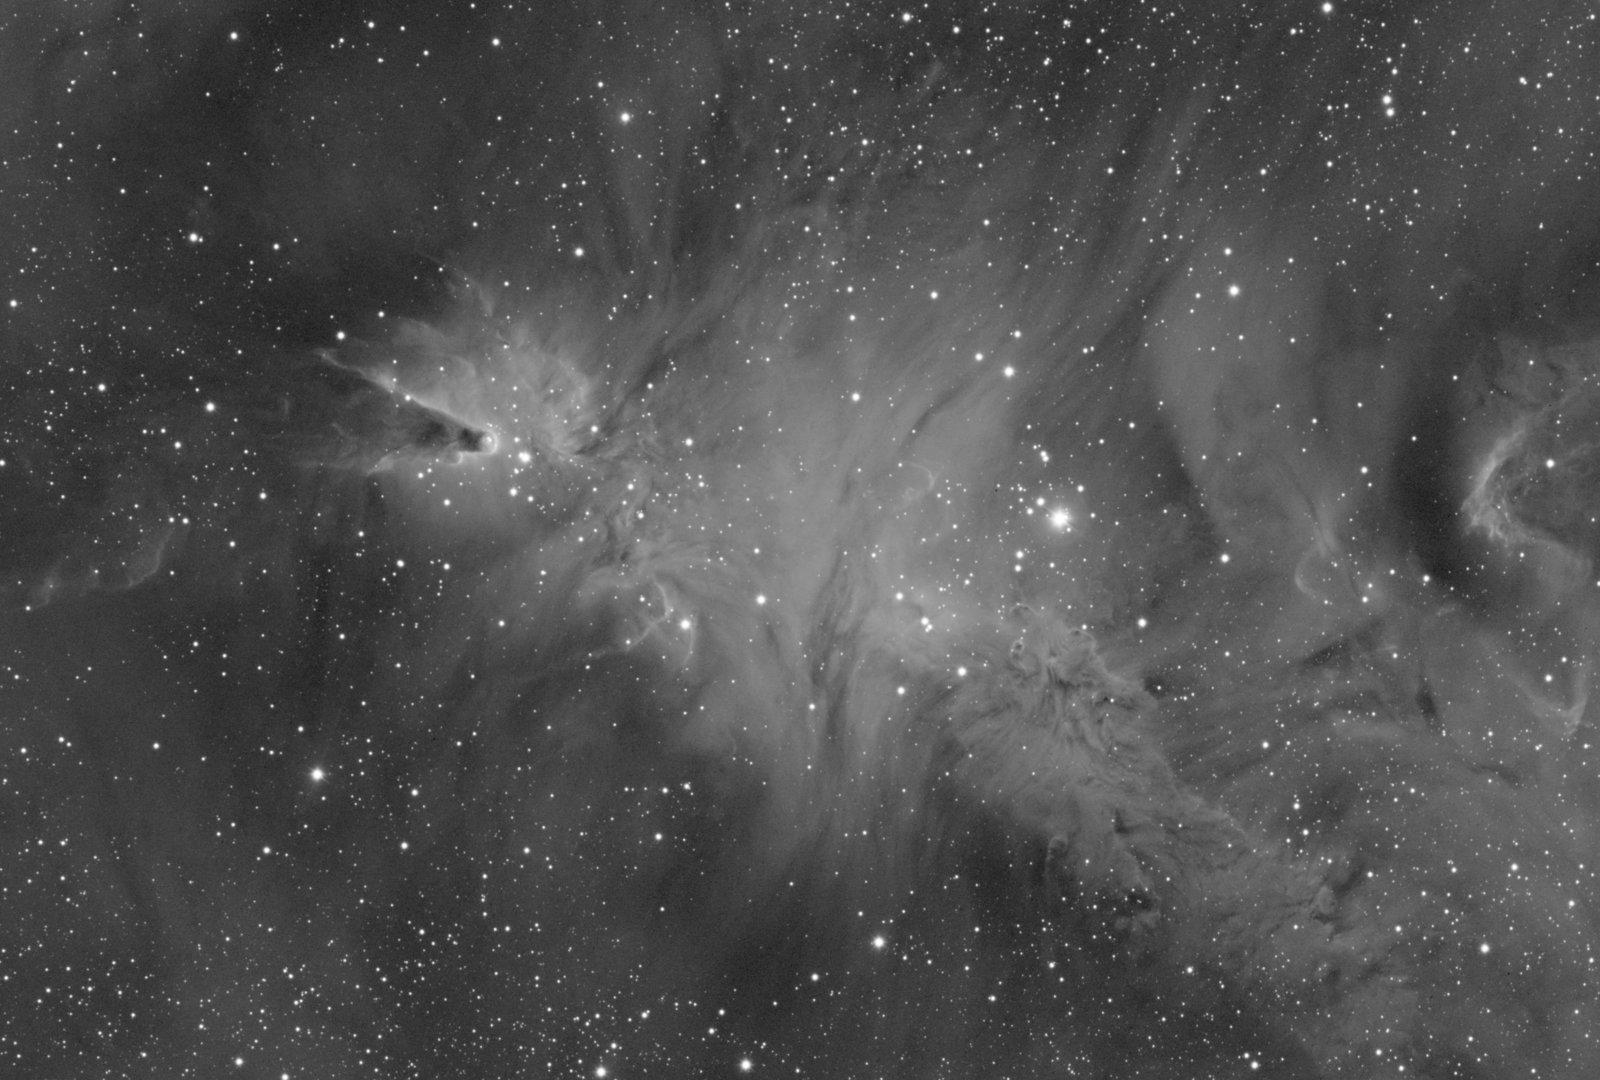 59f4cb28e96cd_NGC2264v1kadrjc1c1.thumb.jpg.66f4467a6c8935a16013114d20f35ca3.jpg